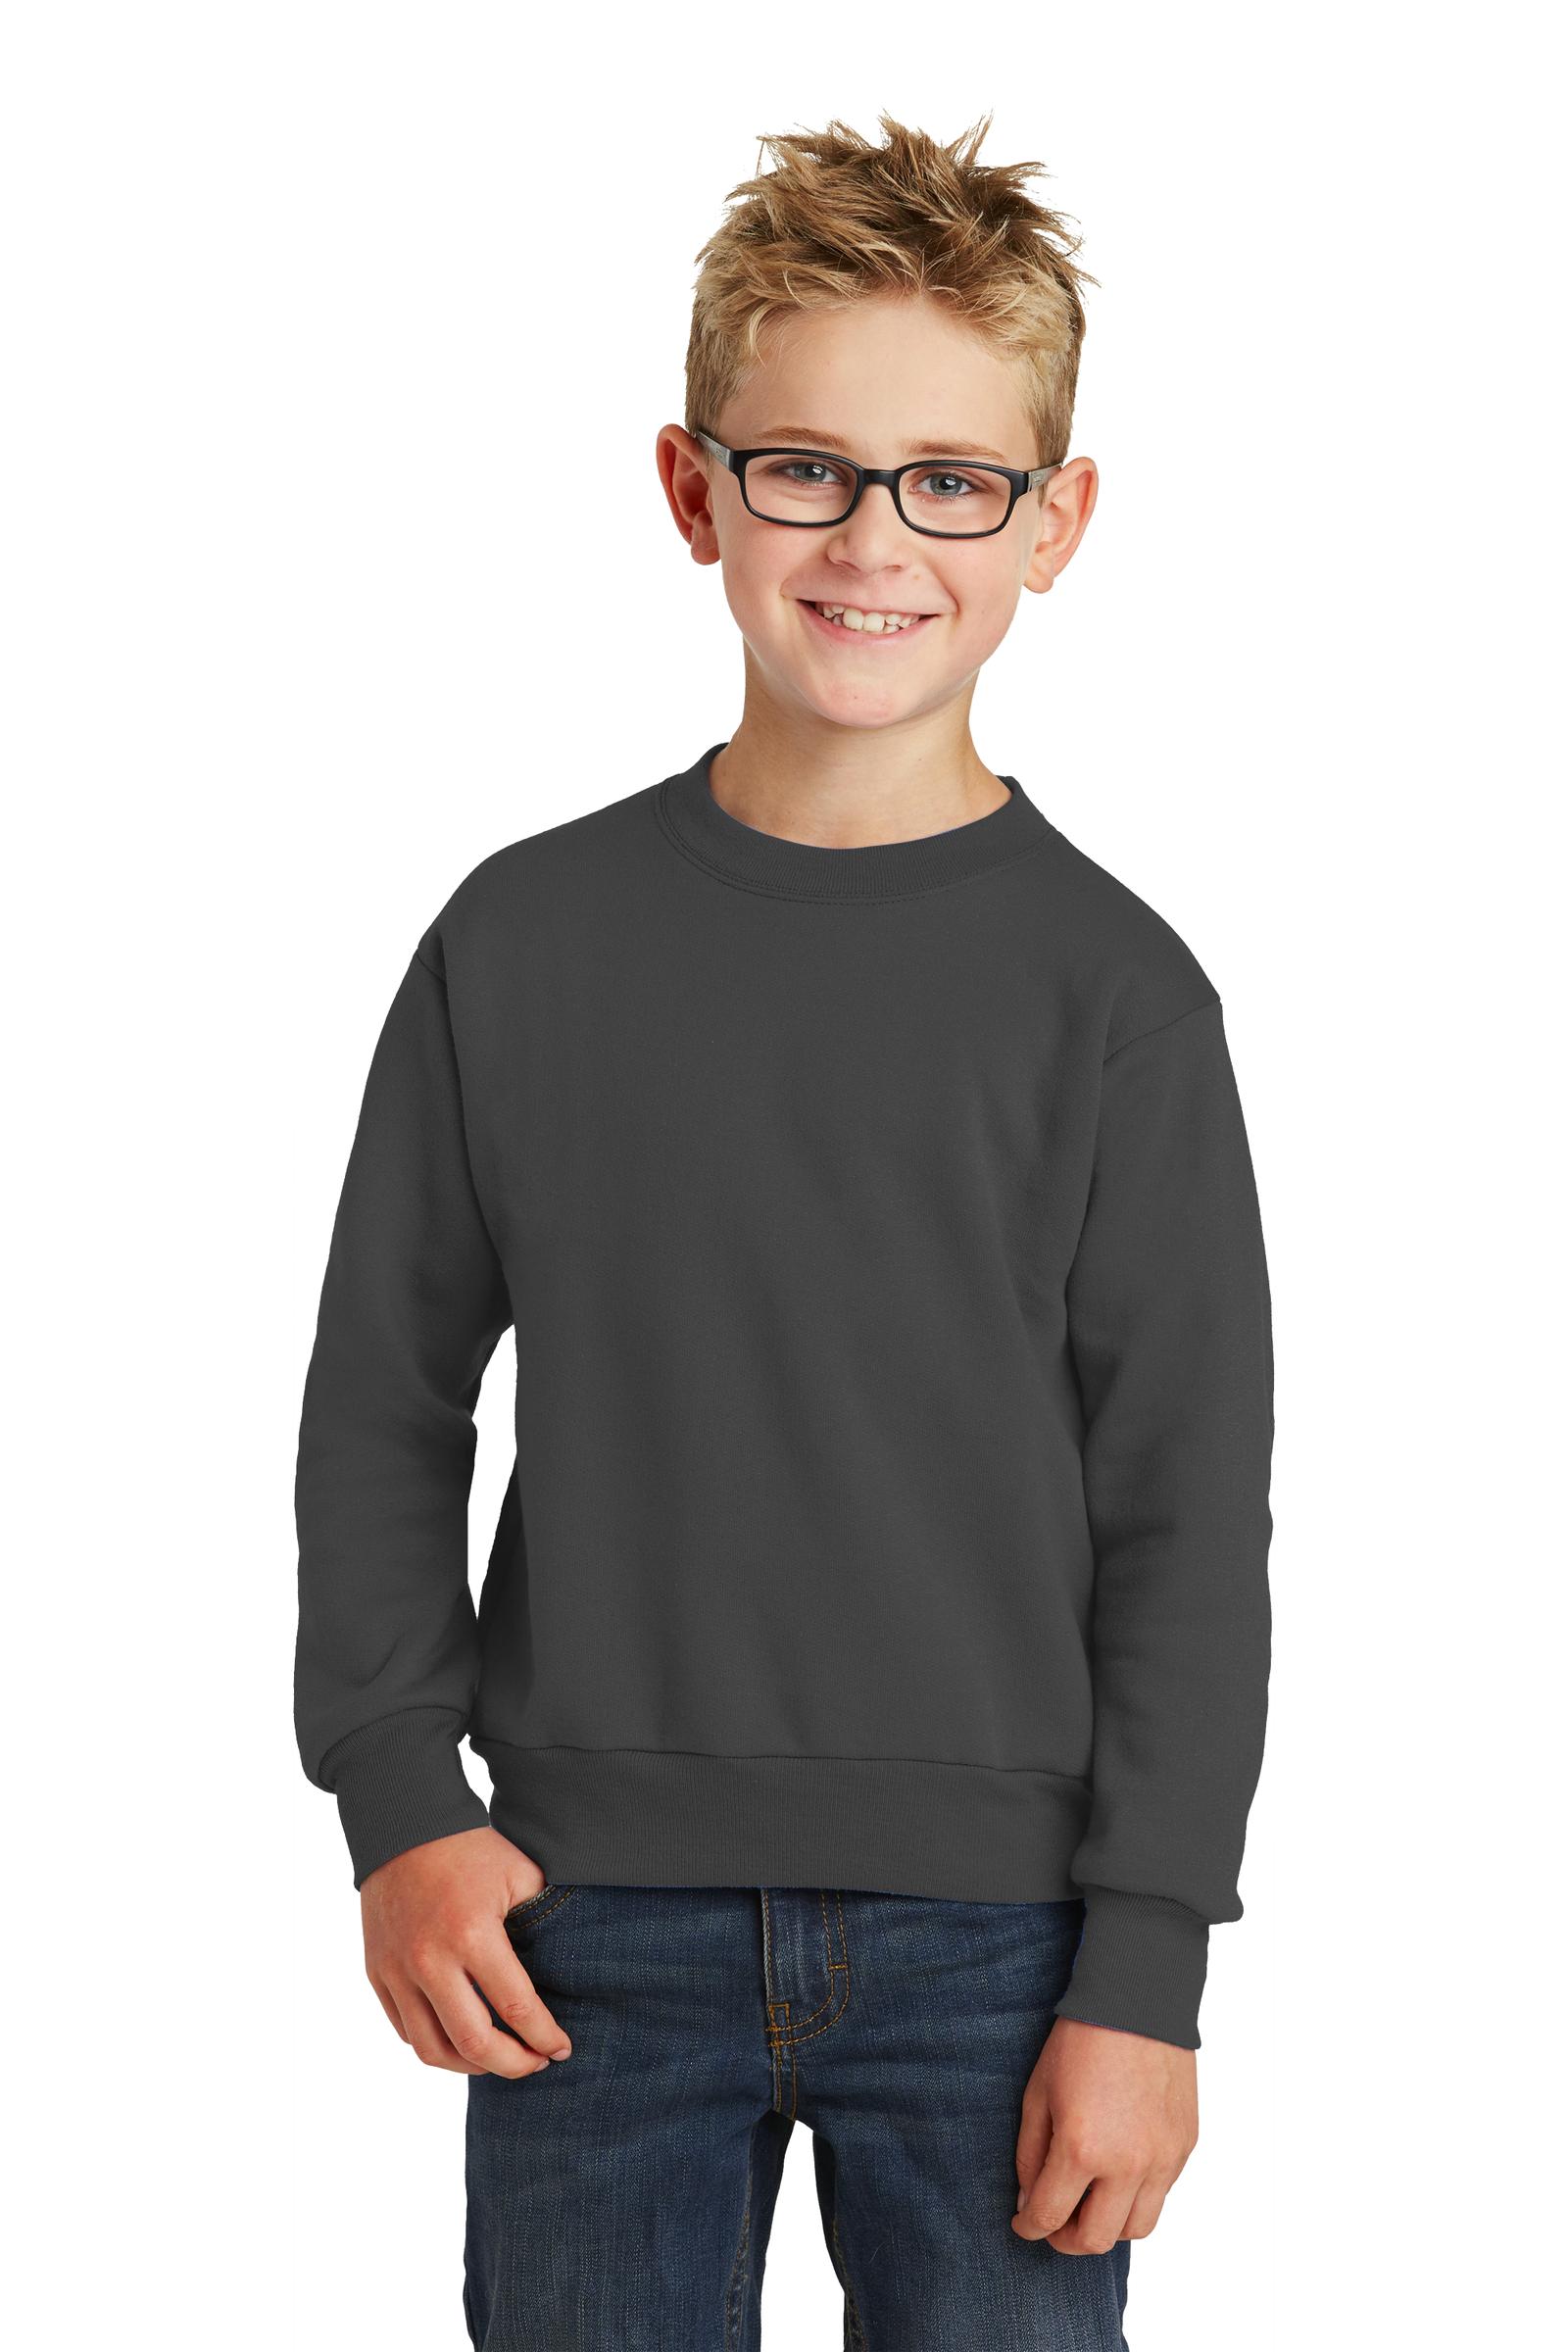 Port & Company Printed Youth Core Fleece Crewneck Sweatshirt